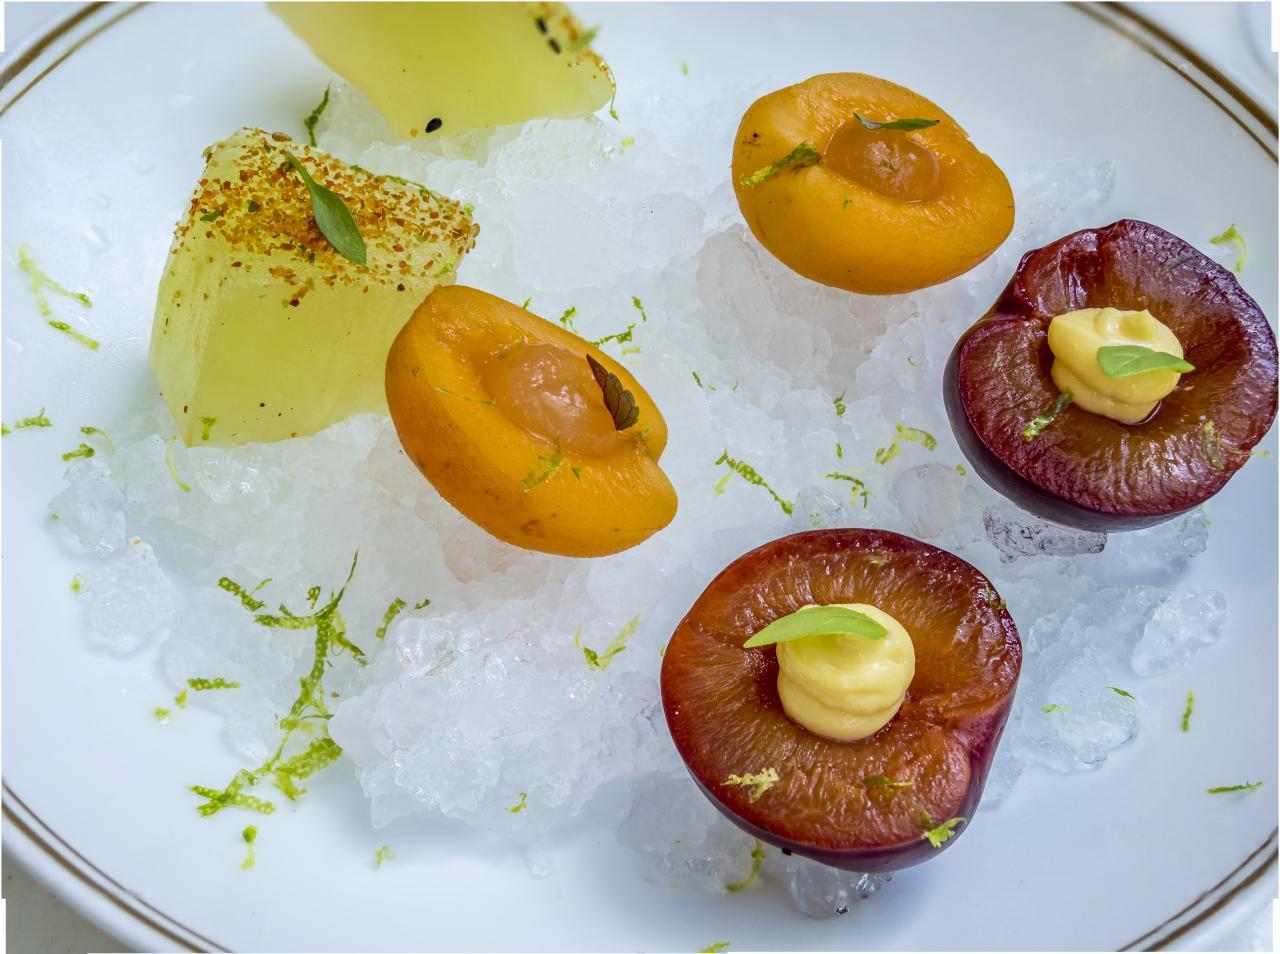 Ensalada de frutas heladas y refrescantes